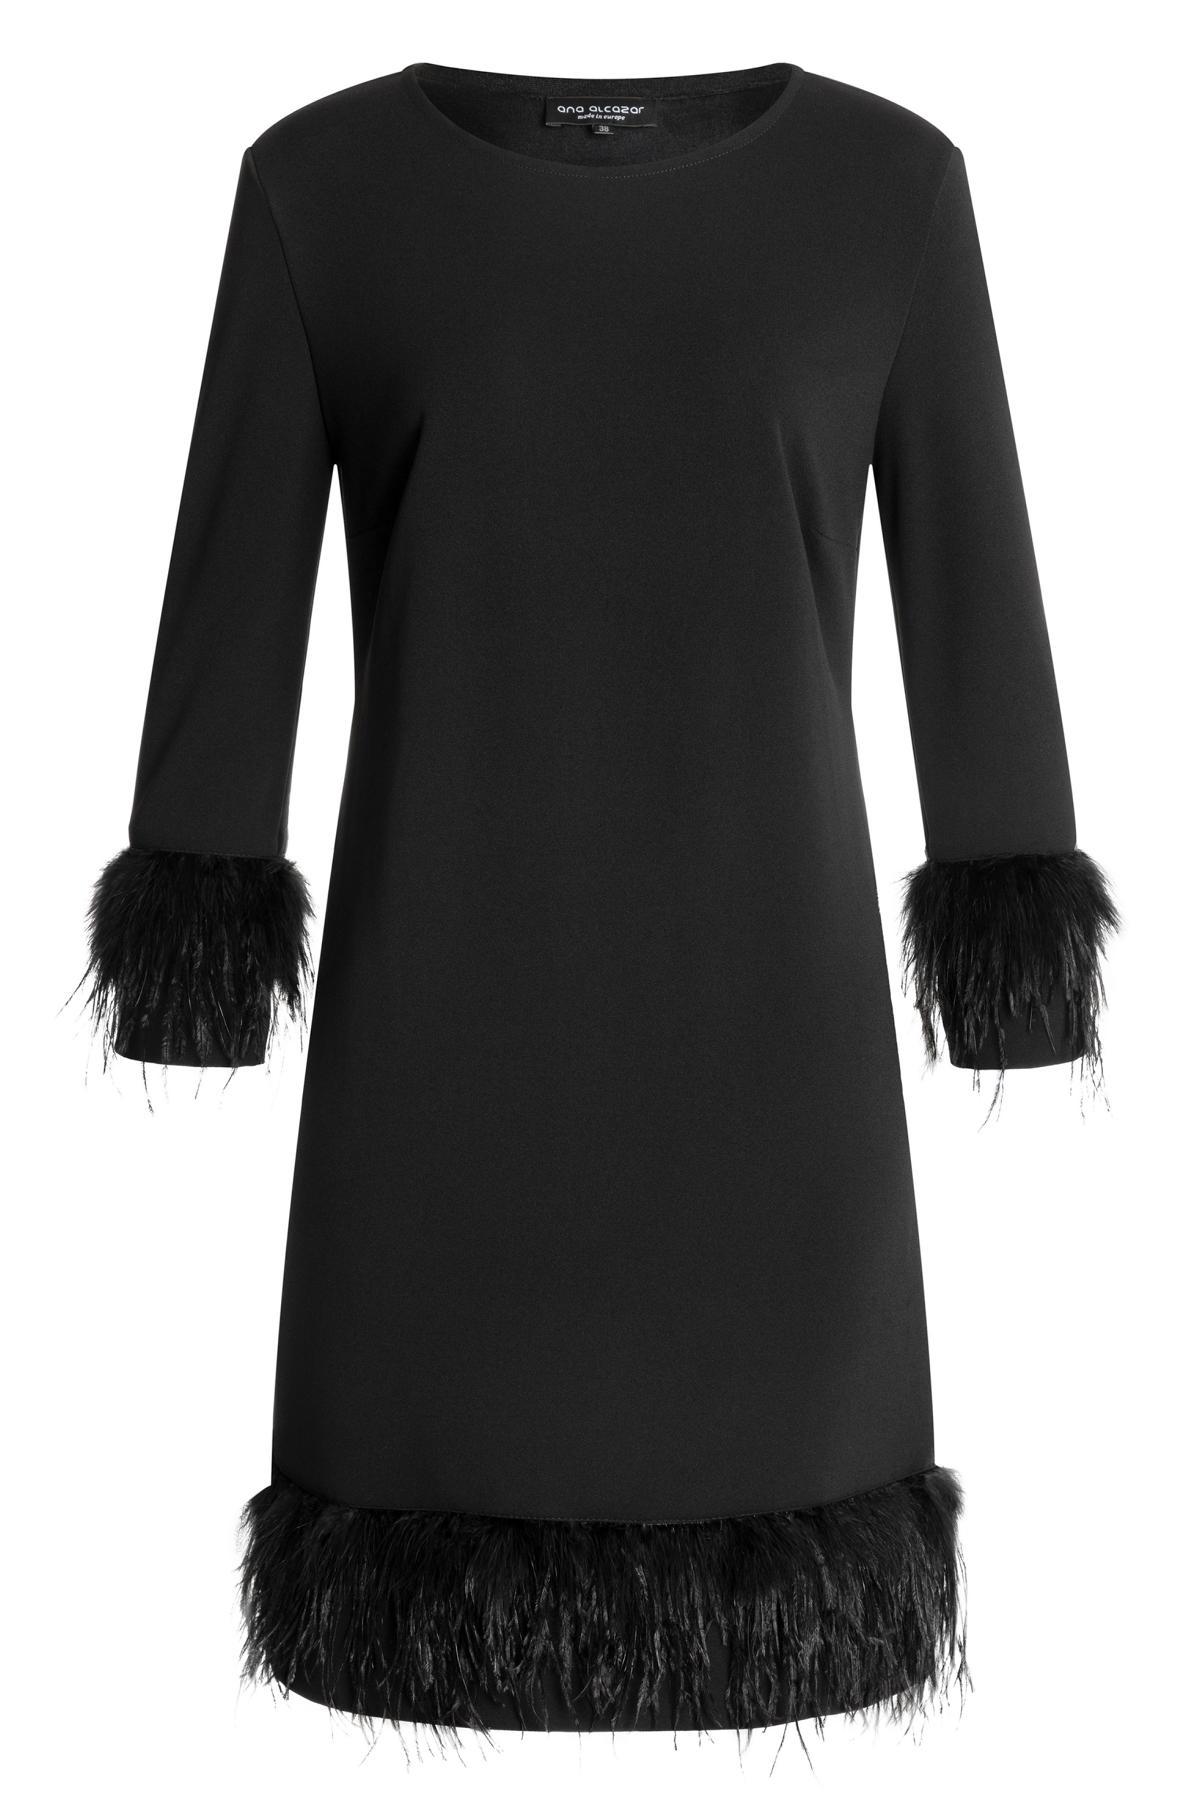 Ana Alcazar Kleid mit Federn Wafose Schwarz 18